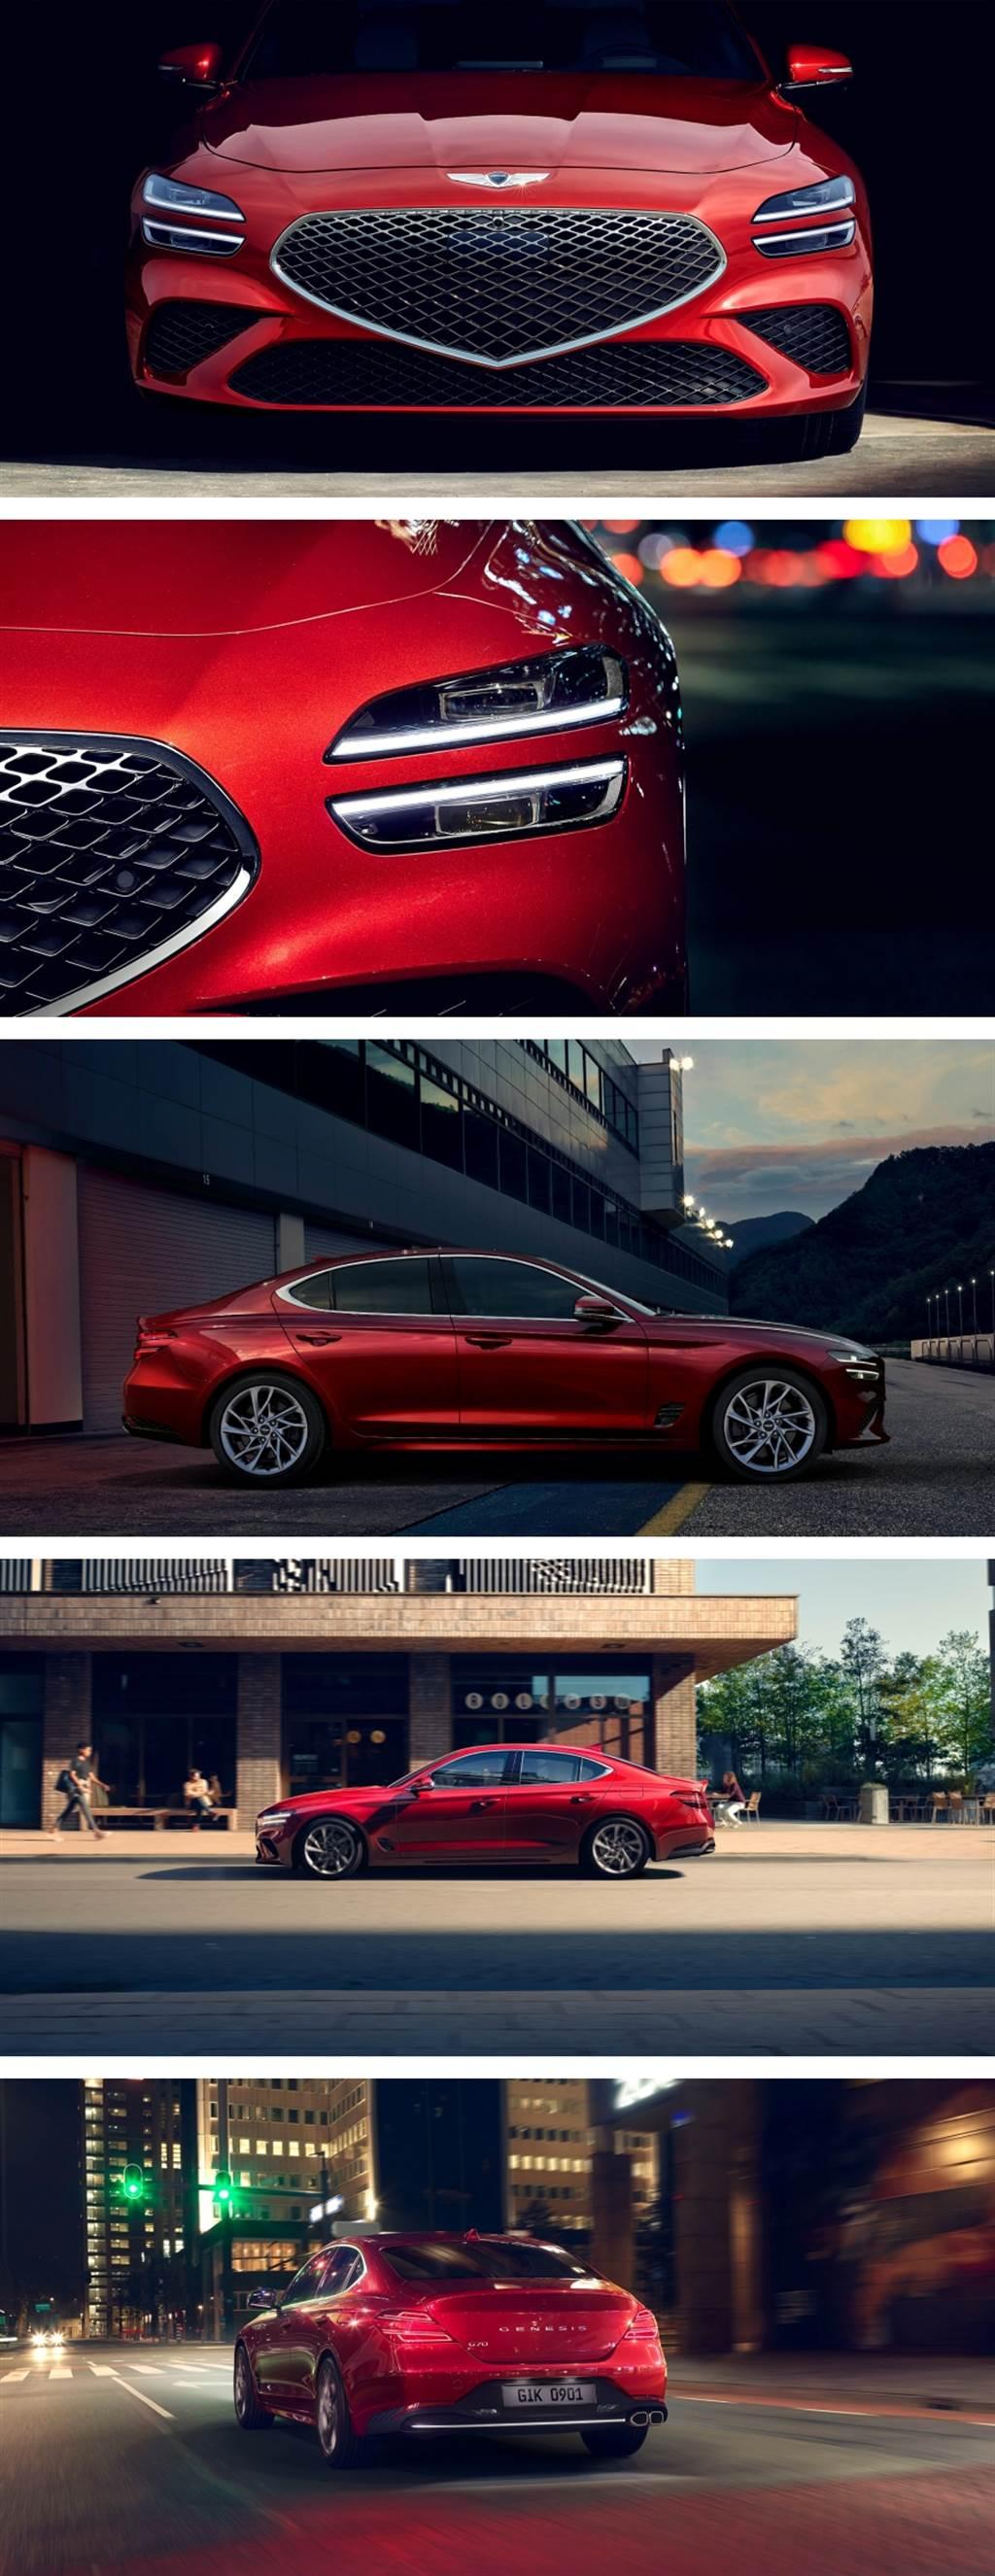 """完美導入 """"ATHLETIC ELEGANCE"""" 設計哲學,小改款 Genesis G70 南韓正式發售"""